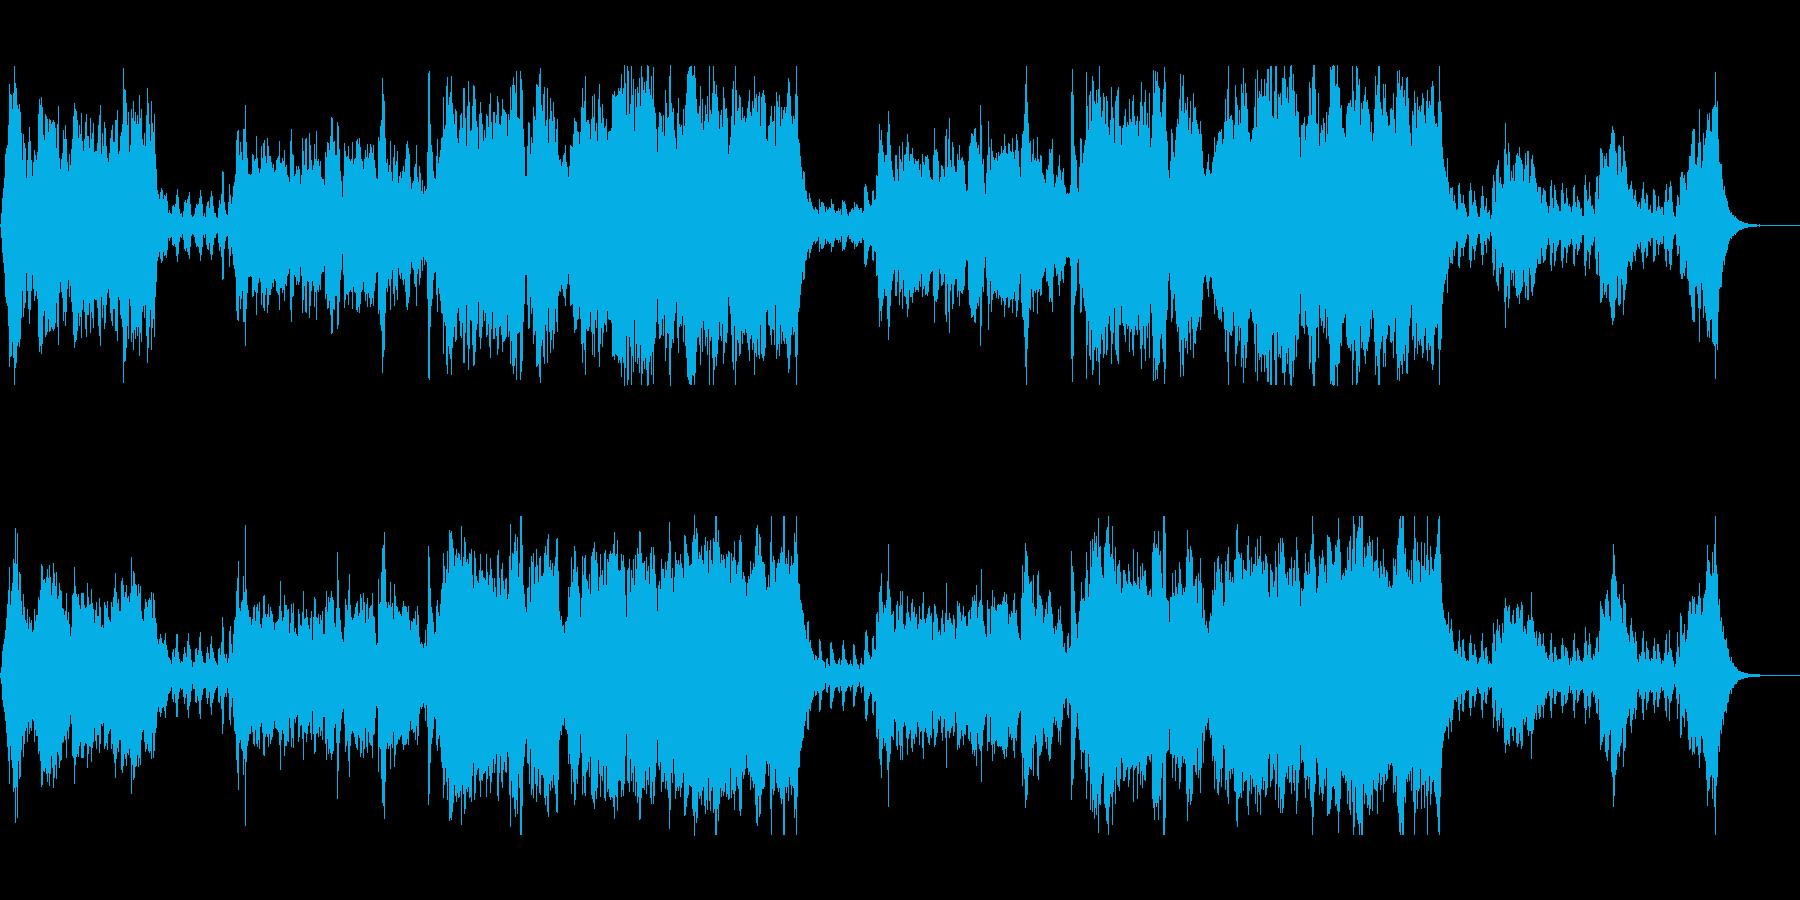 壮大で軽快で優雅なポップSFサウンドの再生済みの波形